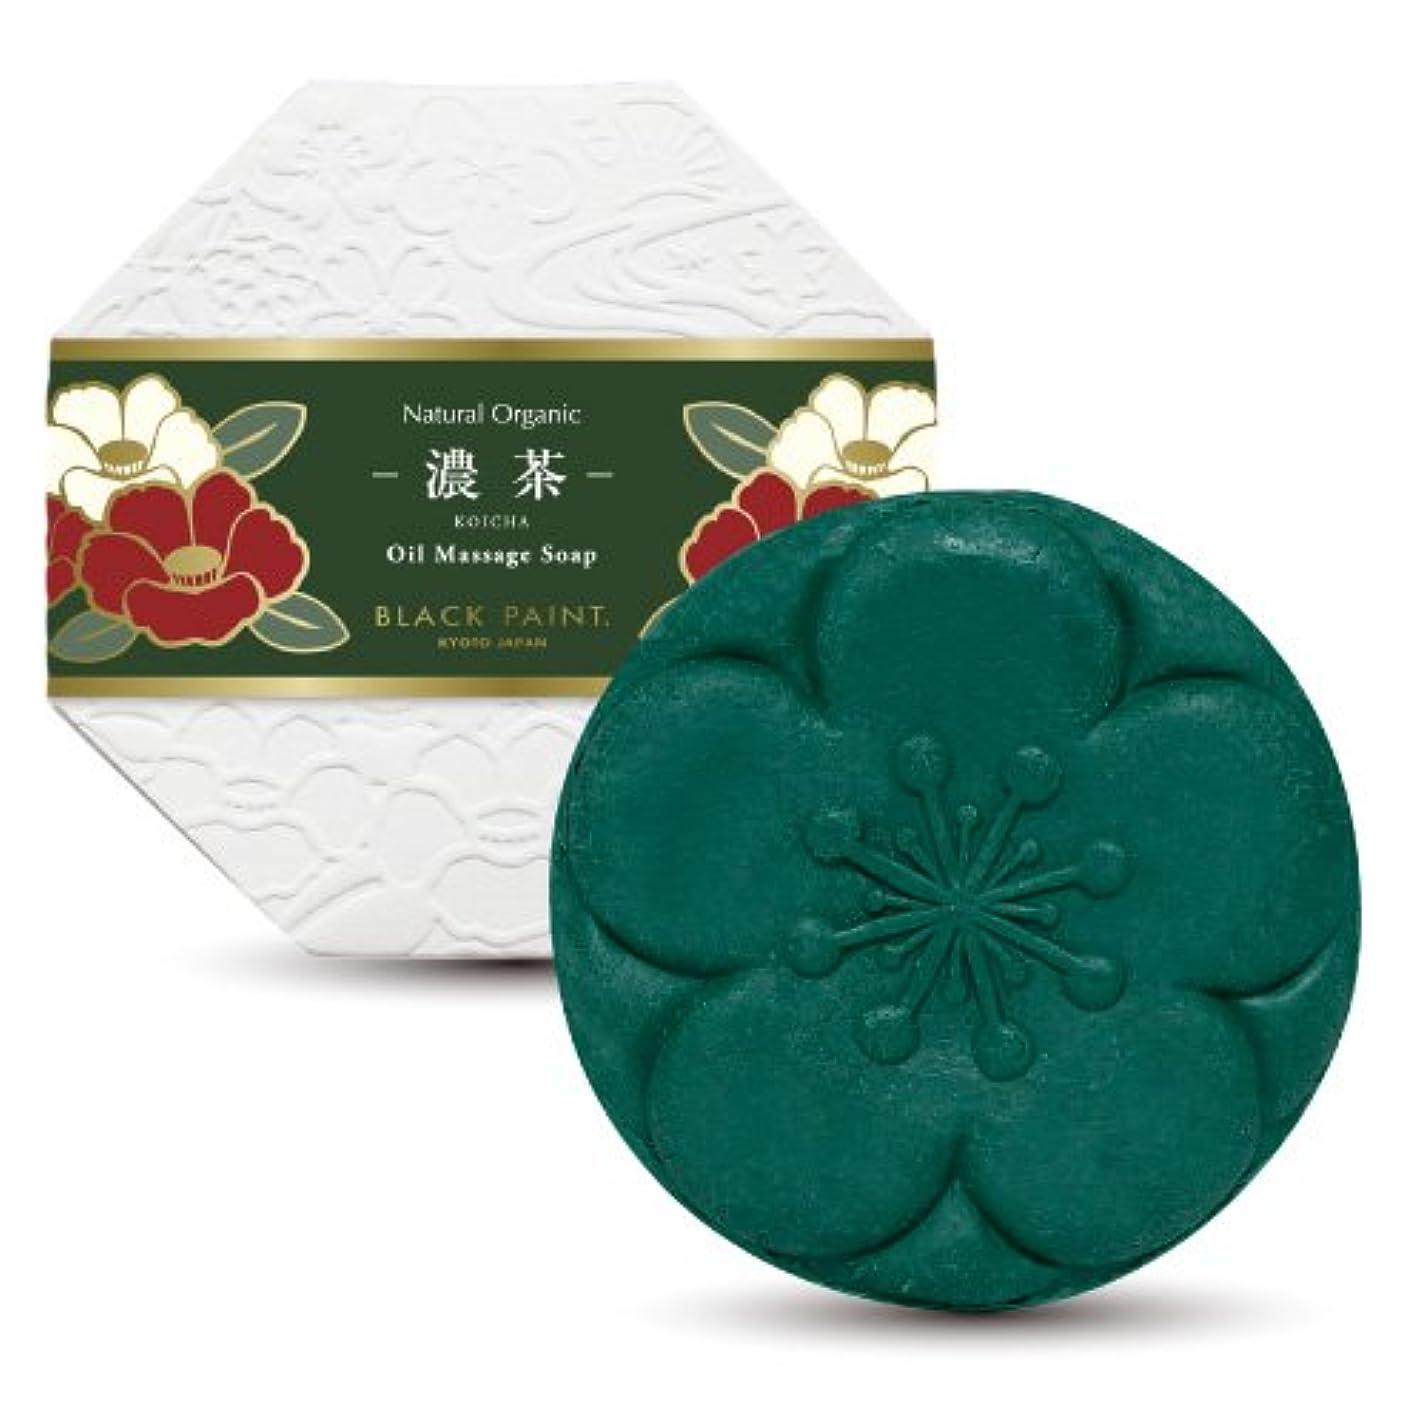 持続的ファンブル高い京のお茶石鹸 濃茶 120g 塗る石鹸